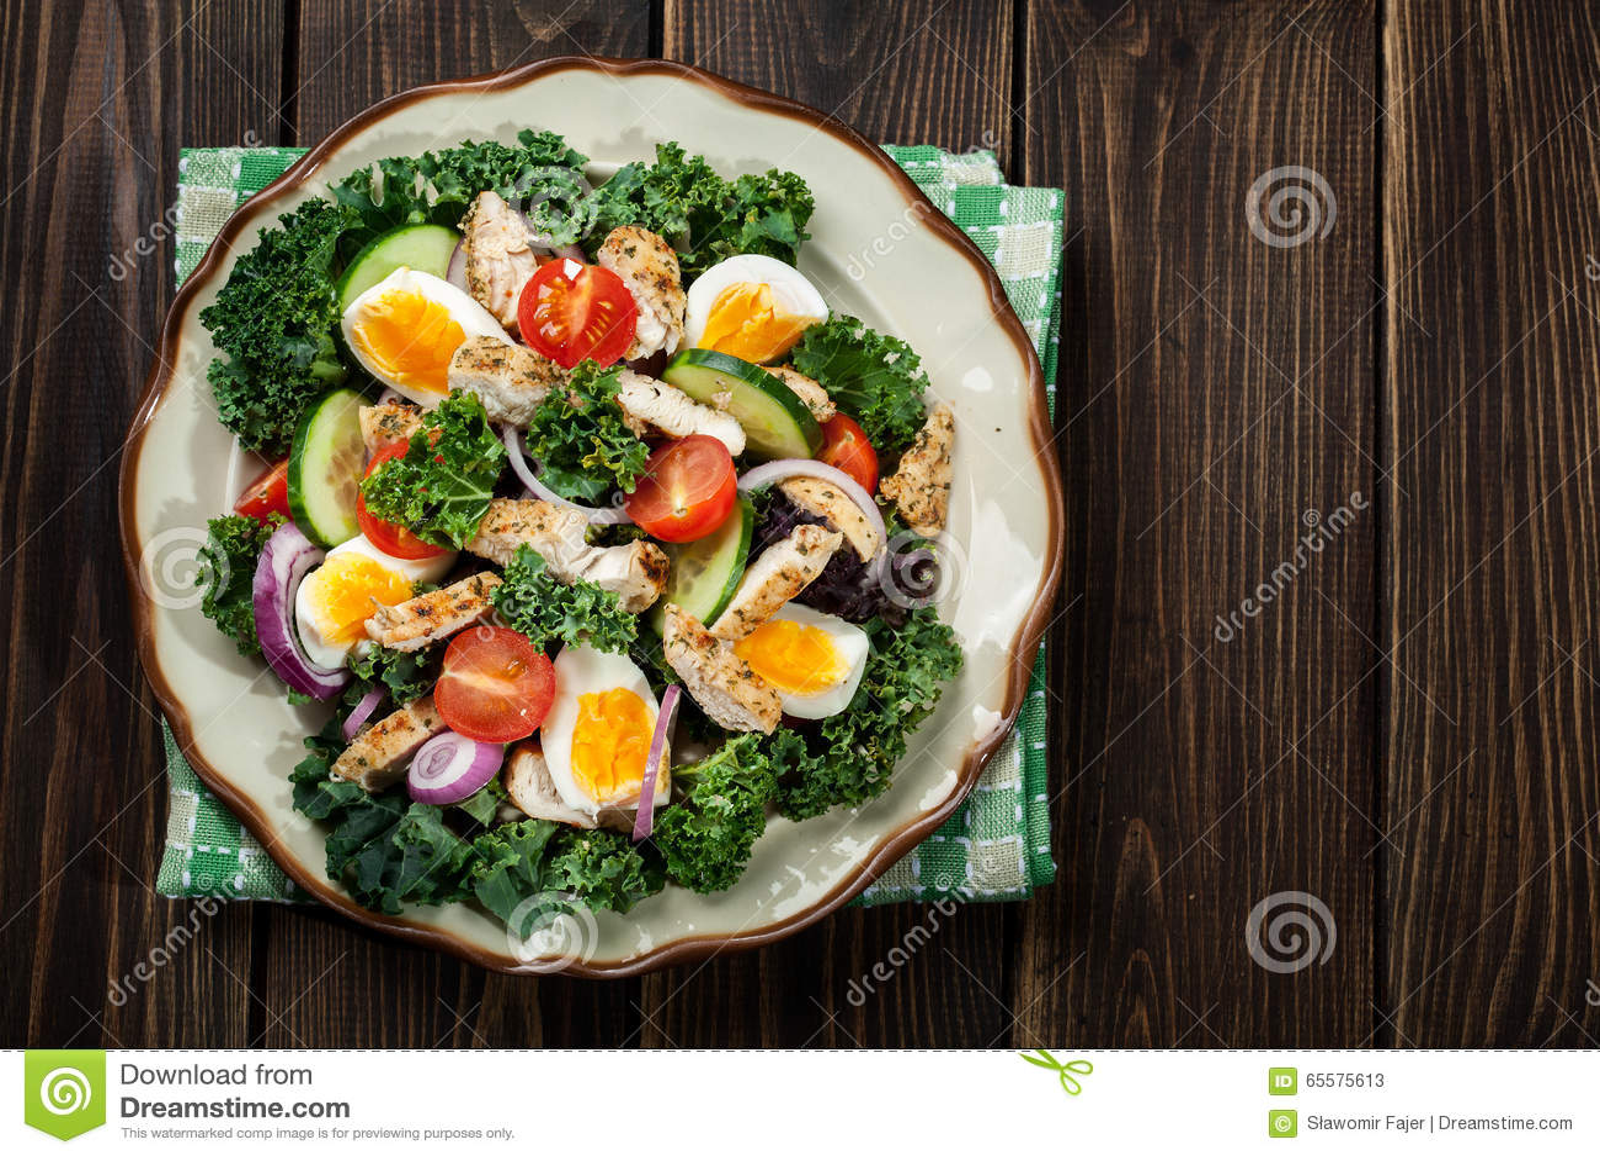 Salada fresca com galinha, tomates, ovos e alface na placa